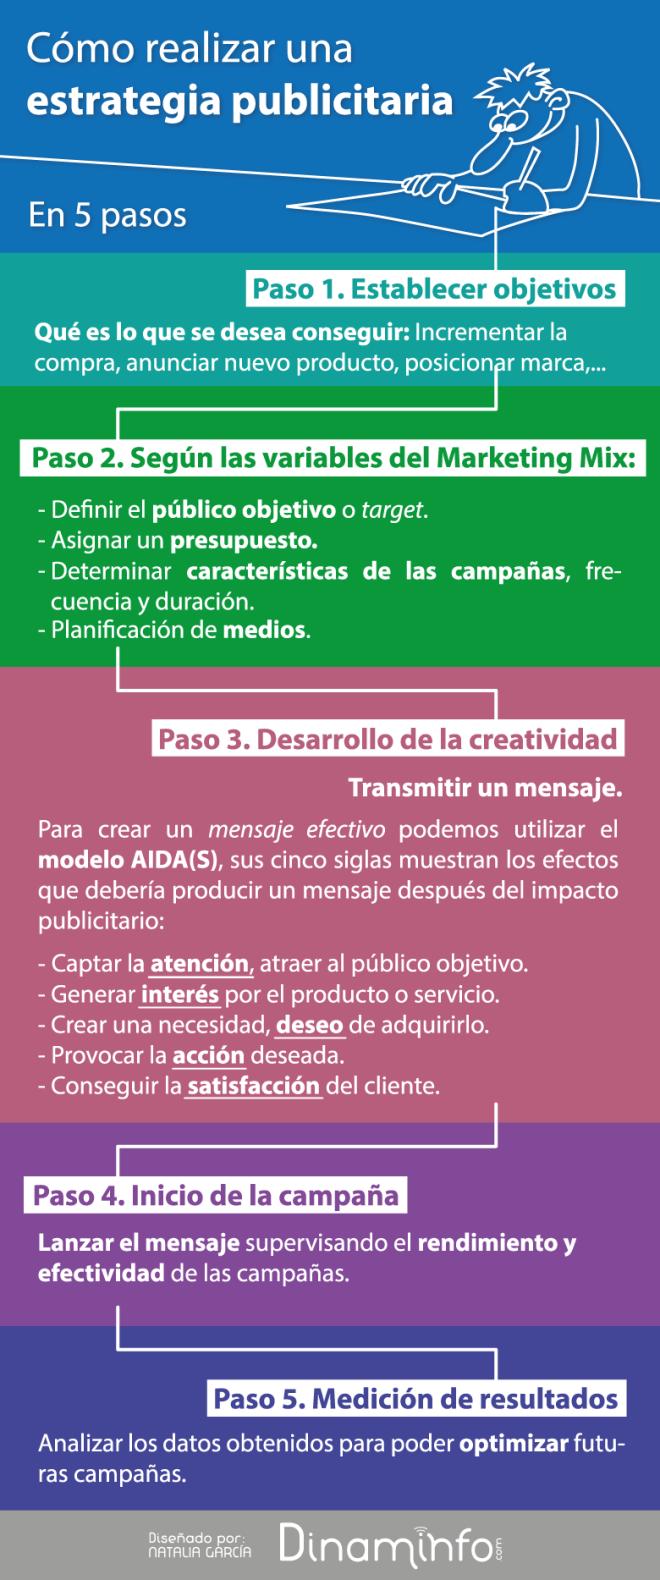 Cómo hacer una Estrategia Publicitaria en 5 pasos #infografia #infographic #marketing